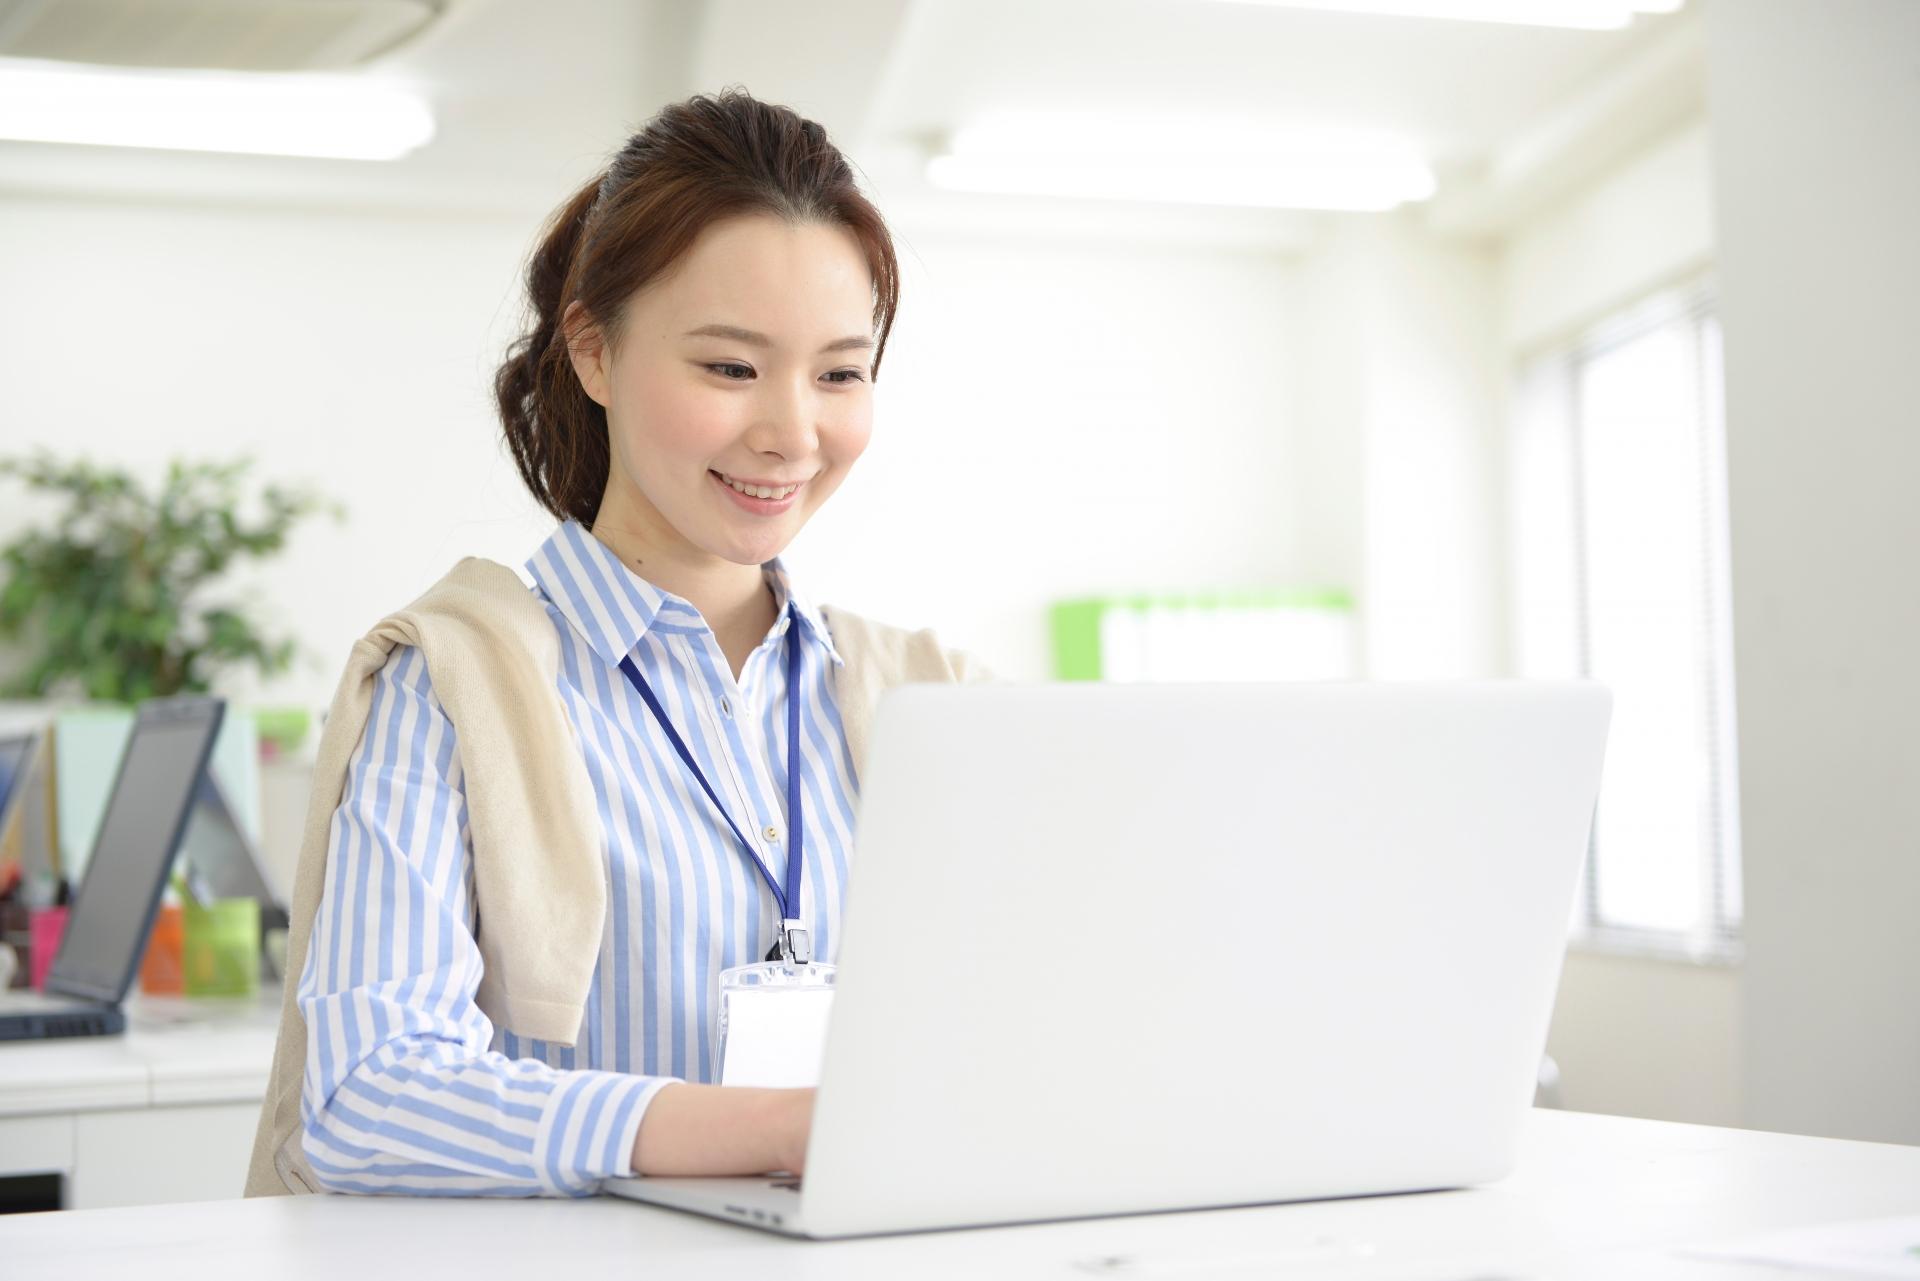 パソコン業務で肩こりに……予防するための正しい姿勢とは?